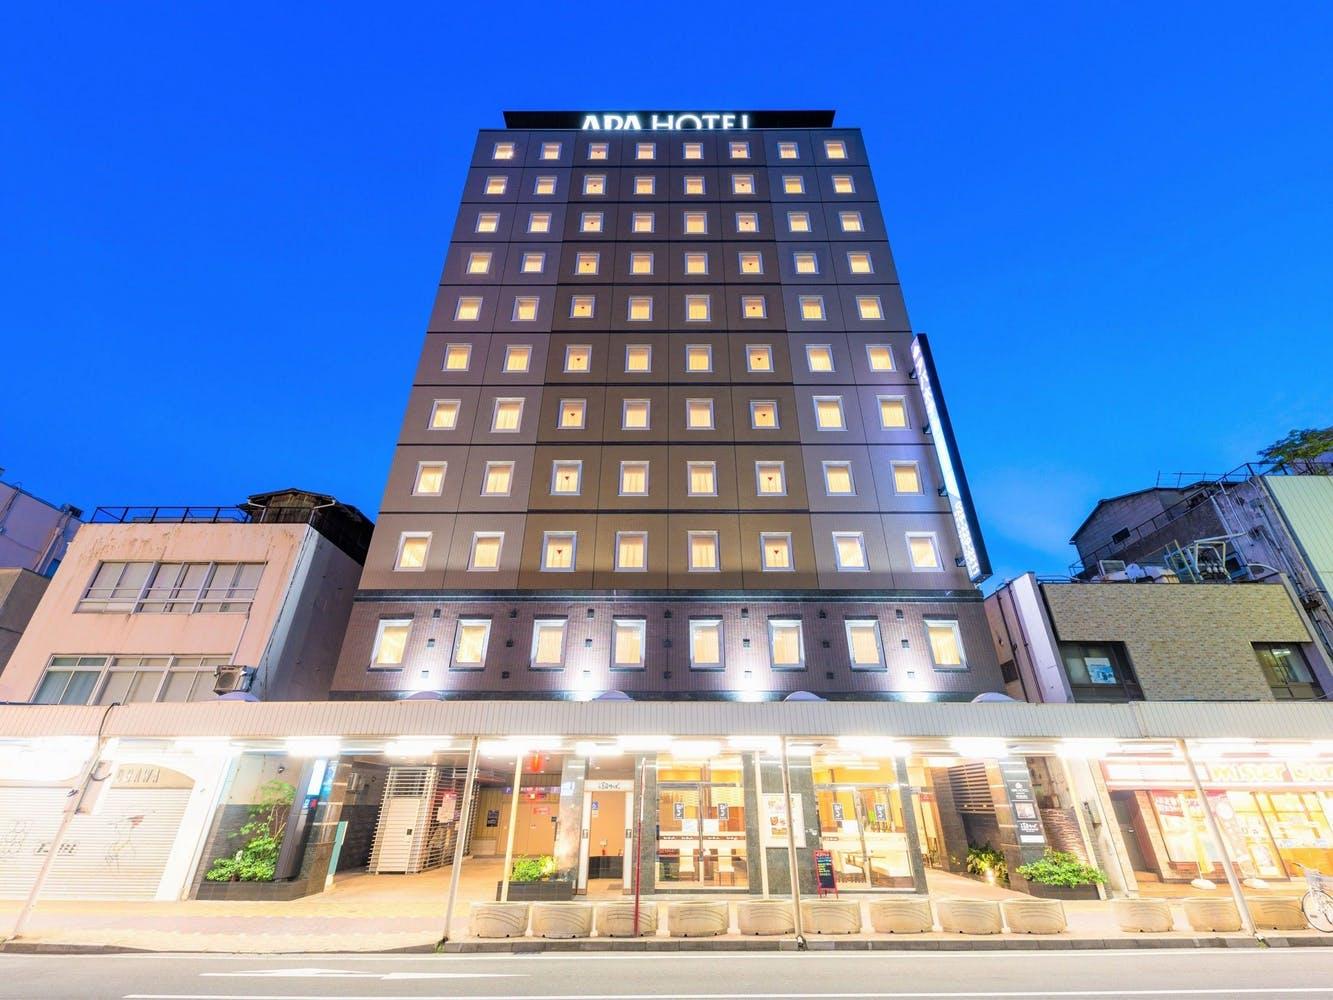 アパホテル〈新潟古町〉 写真1